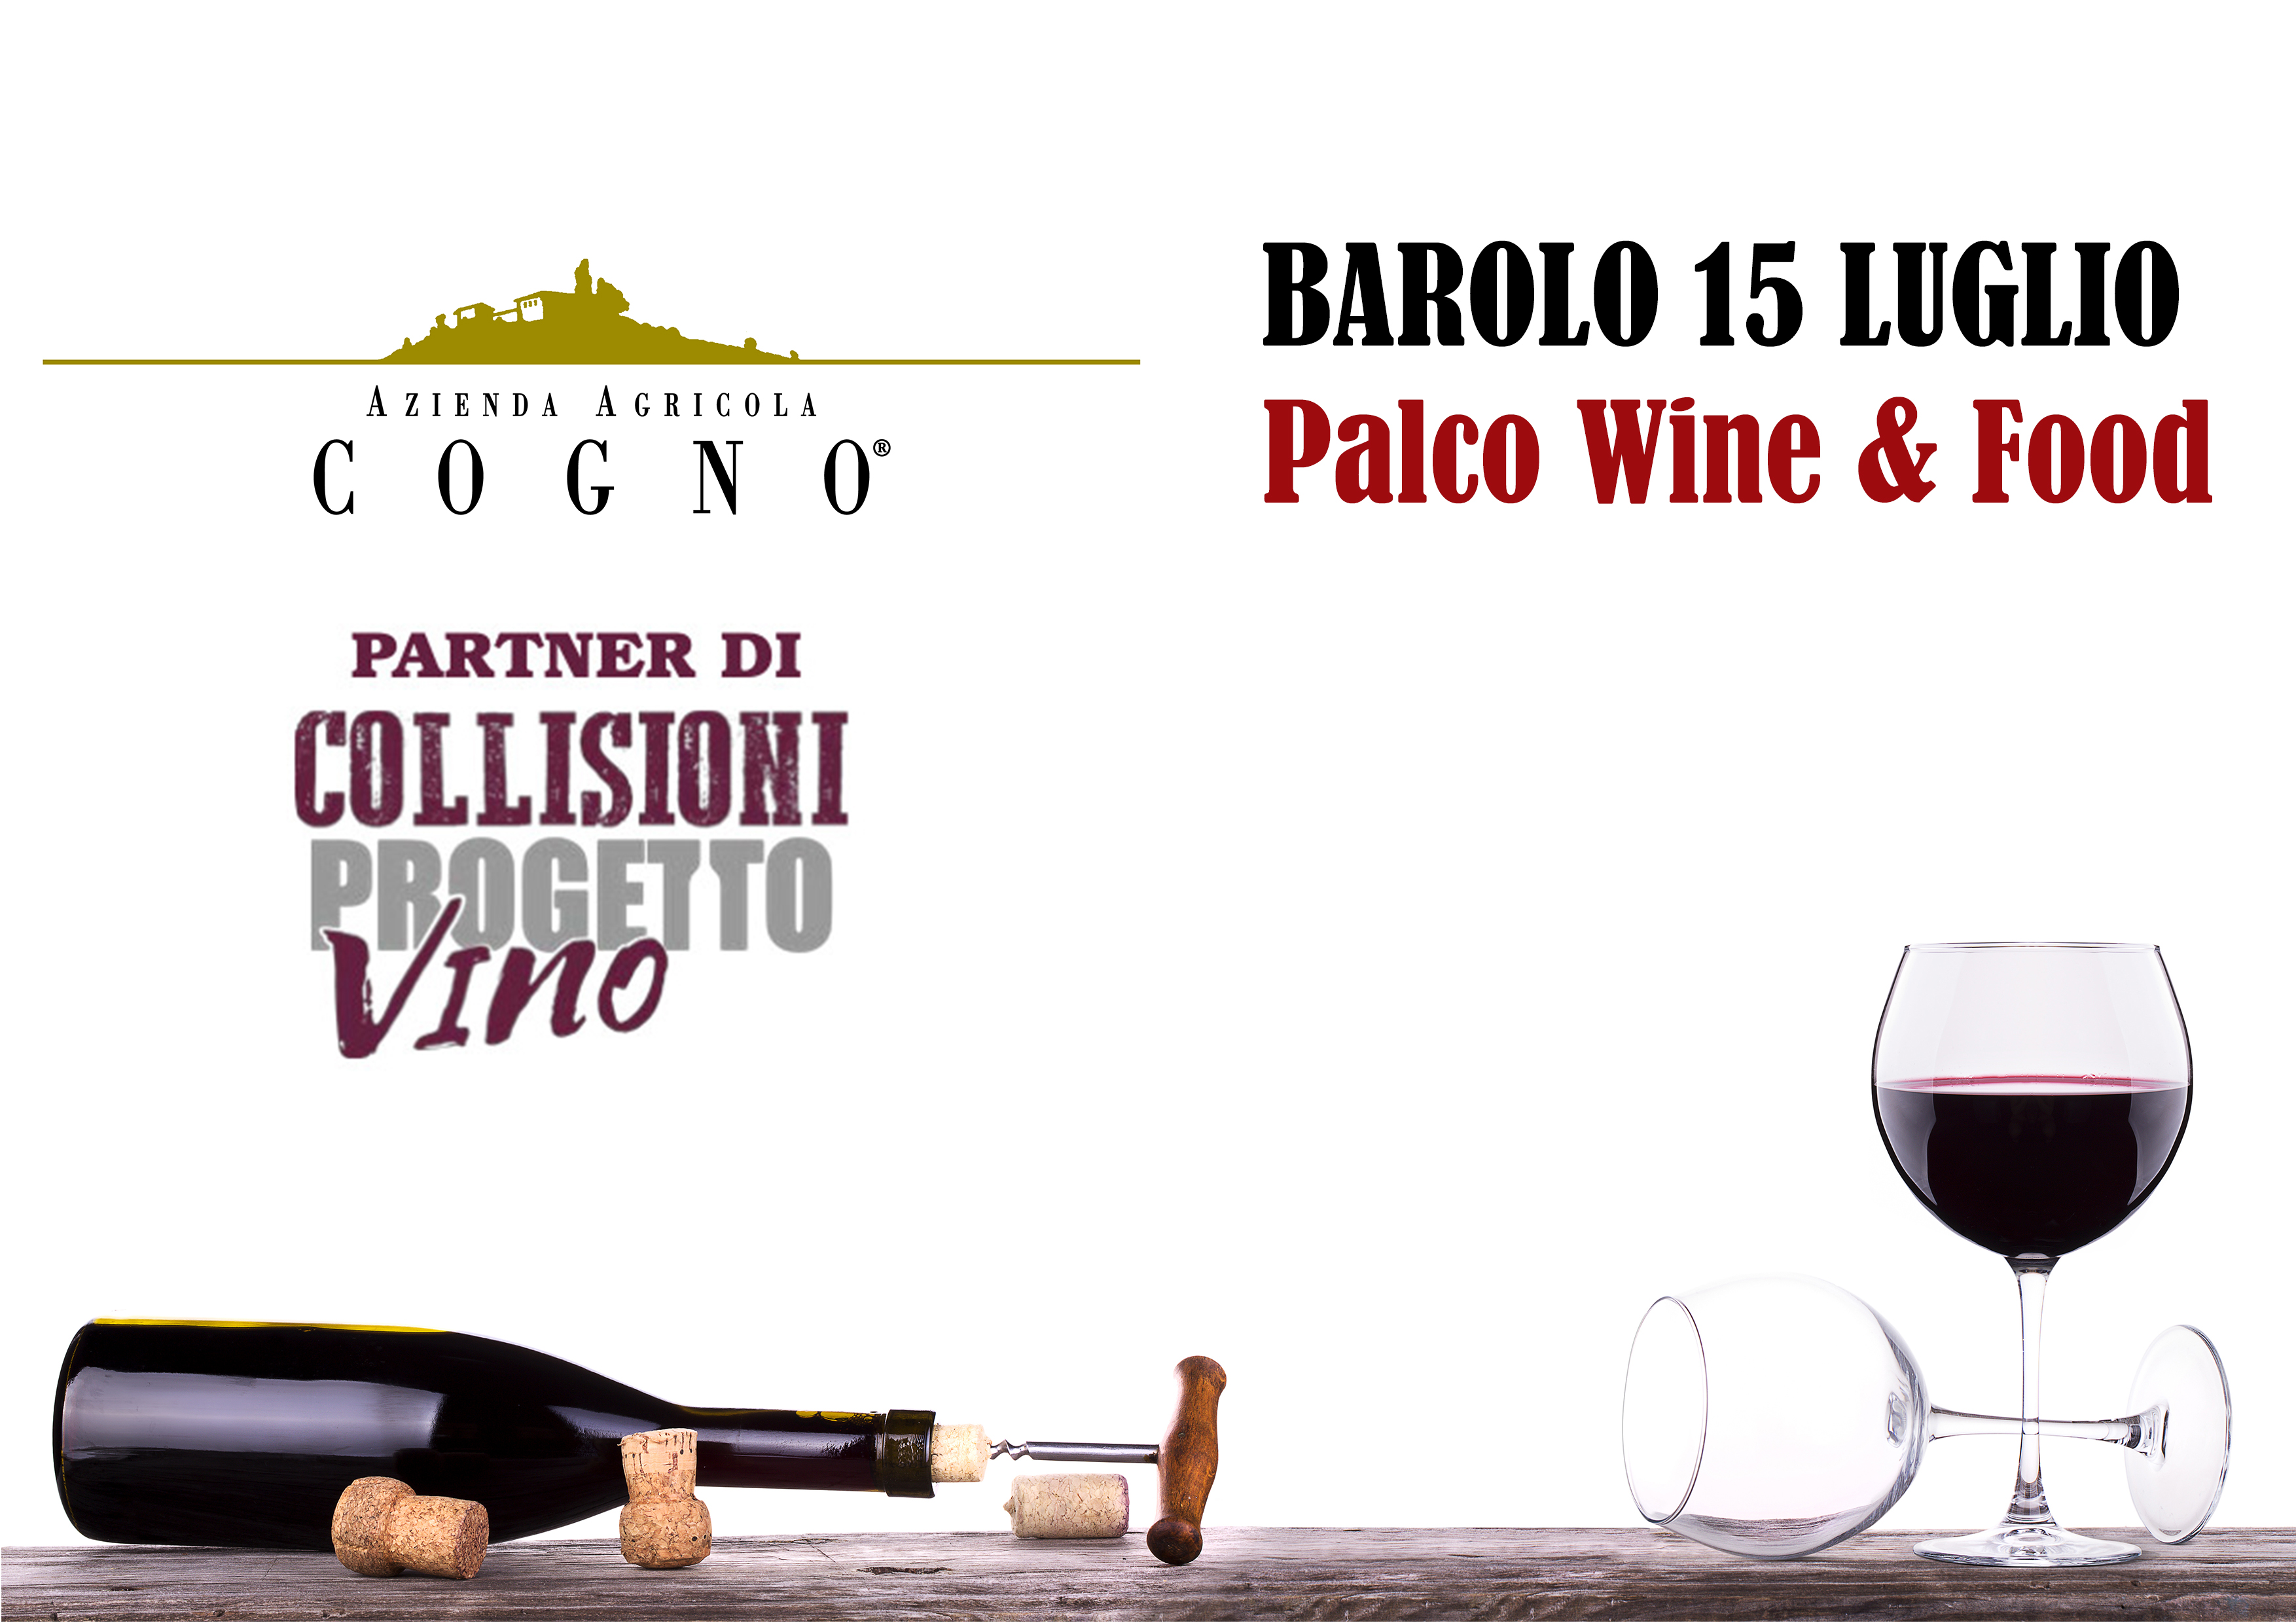 Collisioni 2017 – Progetto vino